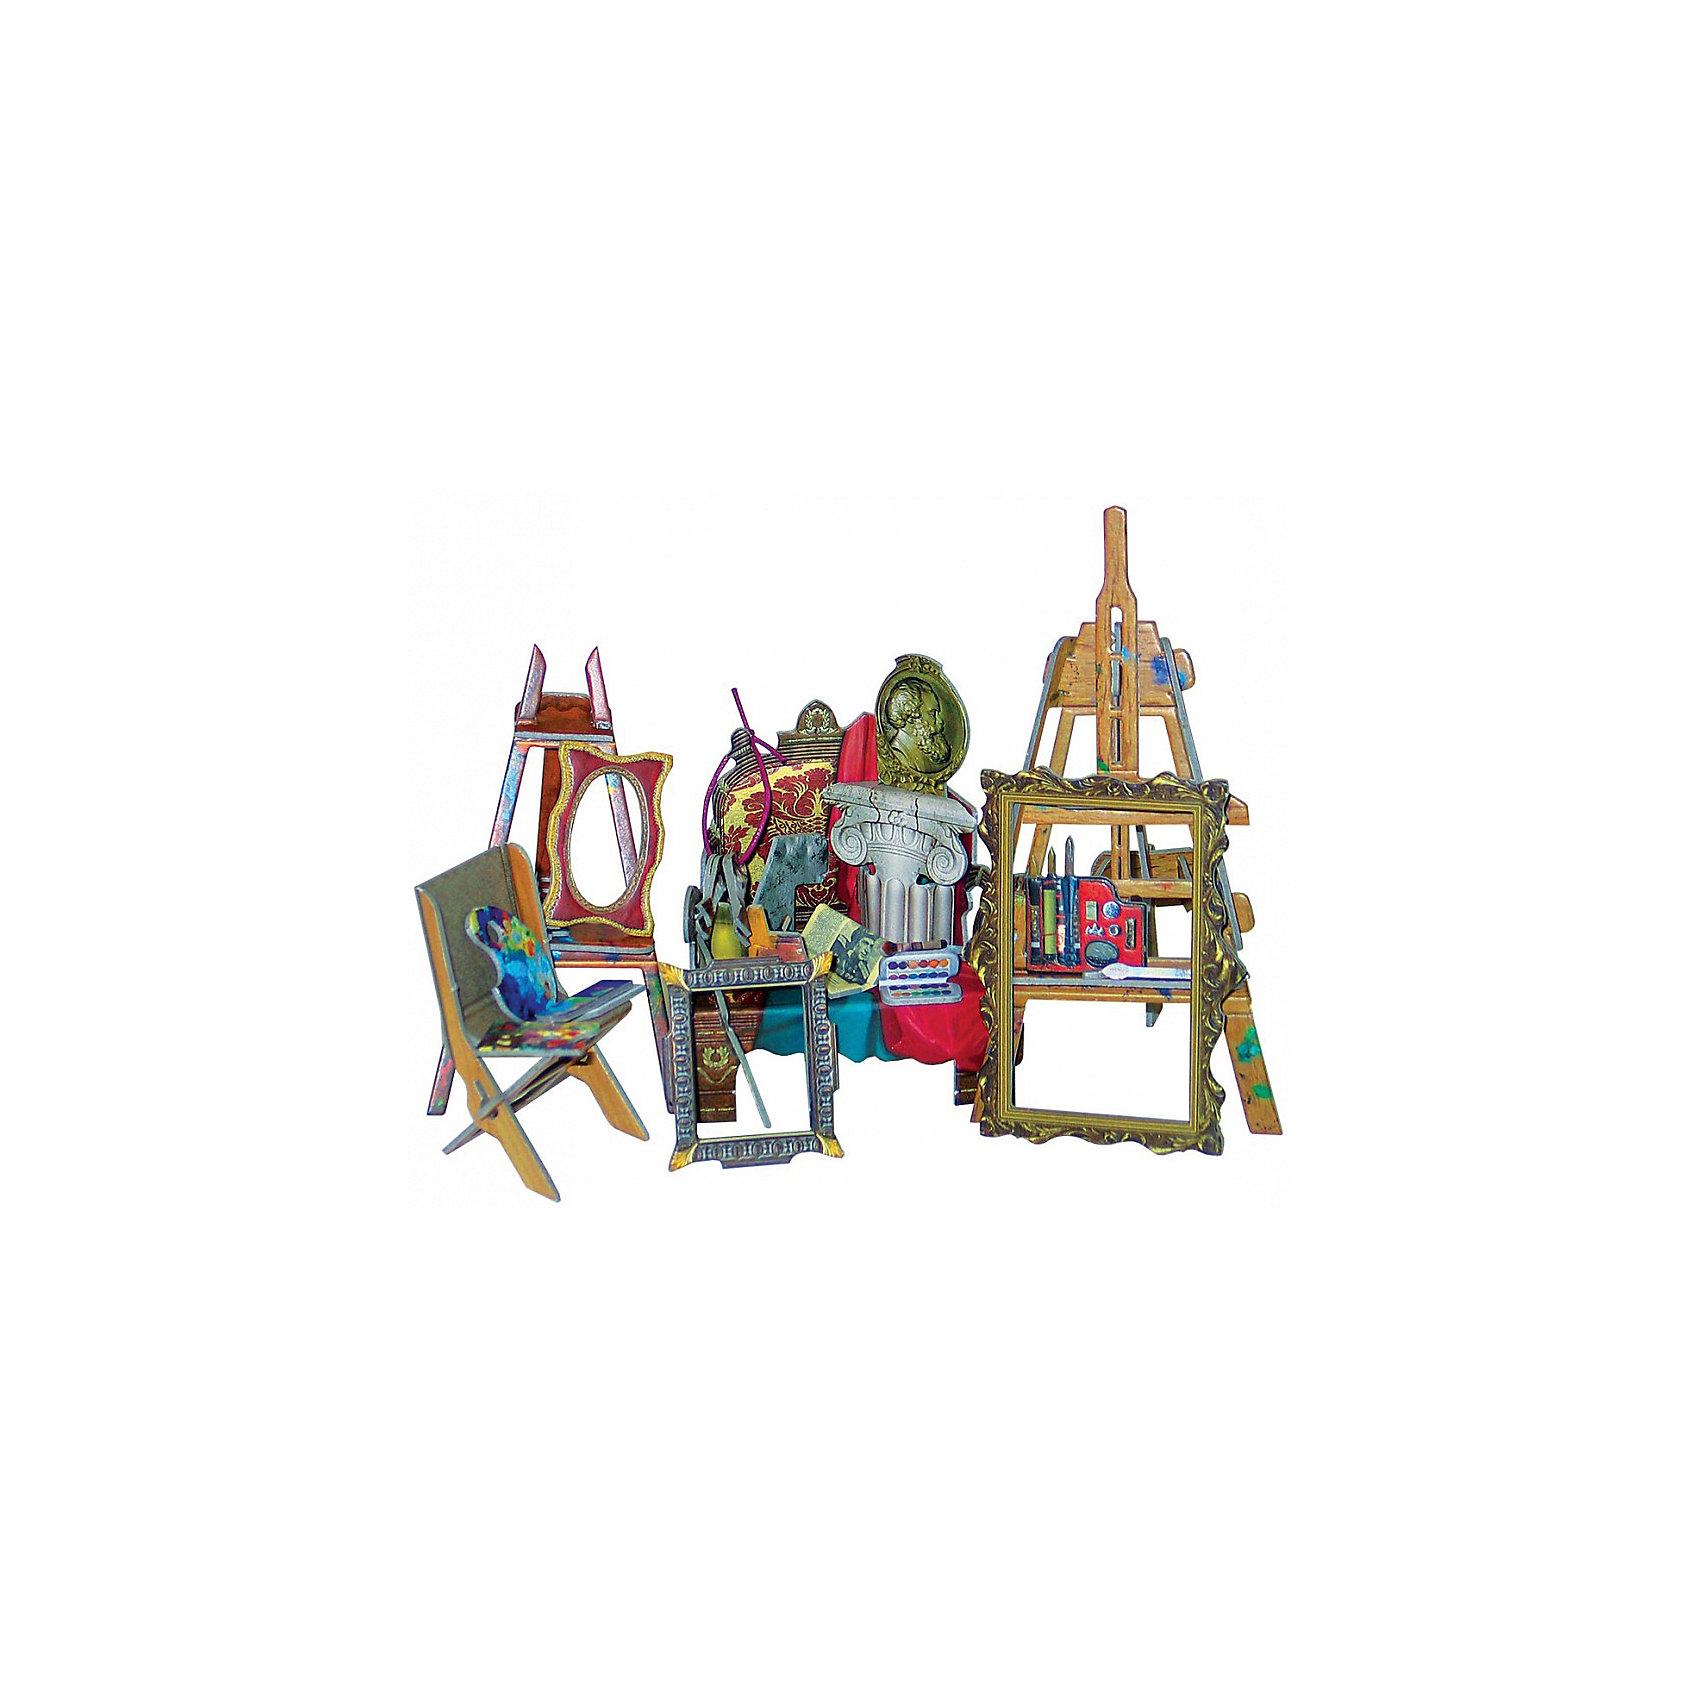 Сборная модель Коллекционный набор мебели Мастерская художникаМодели из картона и бумаги<br>Мастерская художника - cюжетный игровой набор из плотного картона. Серия: Кукольный дом и мебель. Количество деталей, шт: 40. Размер в собранном виде, см: Мольберт - 7 х 6 х 13,5. Мольберт - 6 х 5,5 х 10. Кресло - 8 х 6,5 х 10. Стул складной - 3,5 х 5 х 6.. Размер упаковки, мм.:  высота 250 ширина 175 глубина 3. Тип упаковки: Пакет ПП с подвесом. Вес, гр.: 114. Возраст: от 7 лет. Все модели и игрушки, созданные по технологии УМНАЯ БУМАГА собираются без ножниц и клея, что является их неповторимой особенностью.<br>Принцип соединения деталей запатентован. Соединения деталей продуманы и просчитаны с такой точностью, что при правильной сборке с моделью можно играть, как с обычной игрушкой.<br><br>Ширина мм: 175<br>Глубина мм: 3<br>Высота мм: 250<br>Вес г: 114<br>Возраст от месяцев: 84<br>Возраст до месяцев: 2147483647<br>Пол: Унисекс<br>Возраст: Детский<br>SKU: 4807412